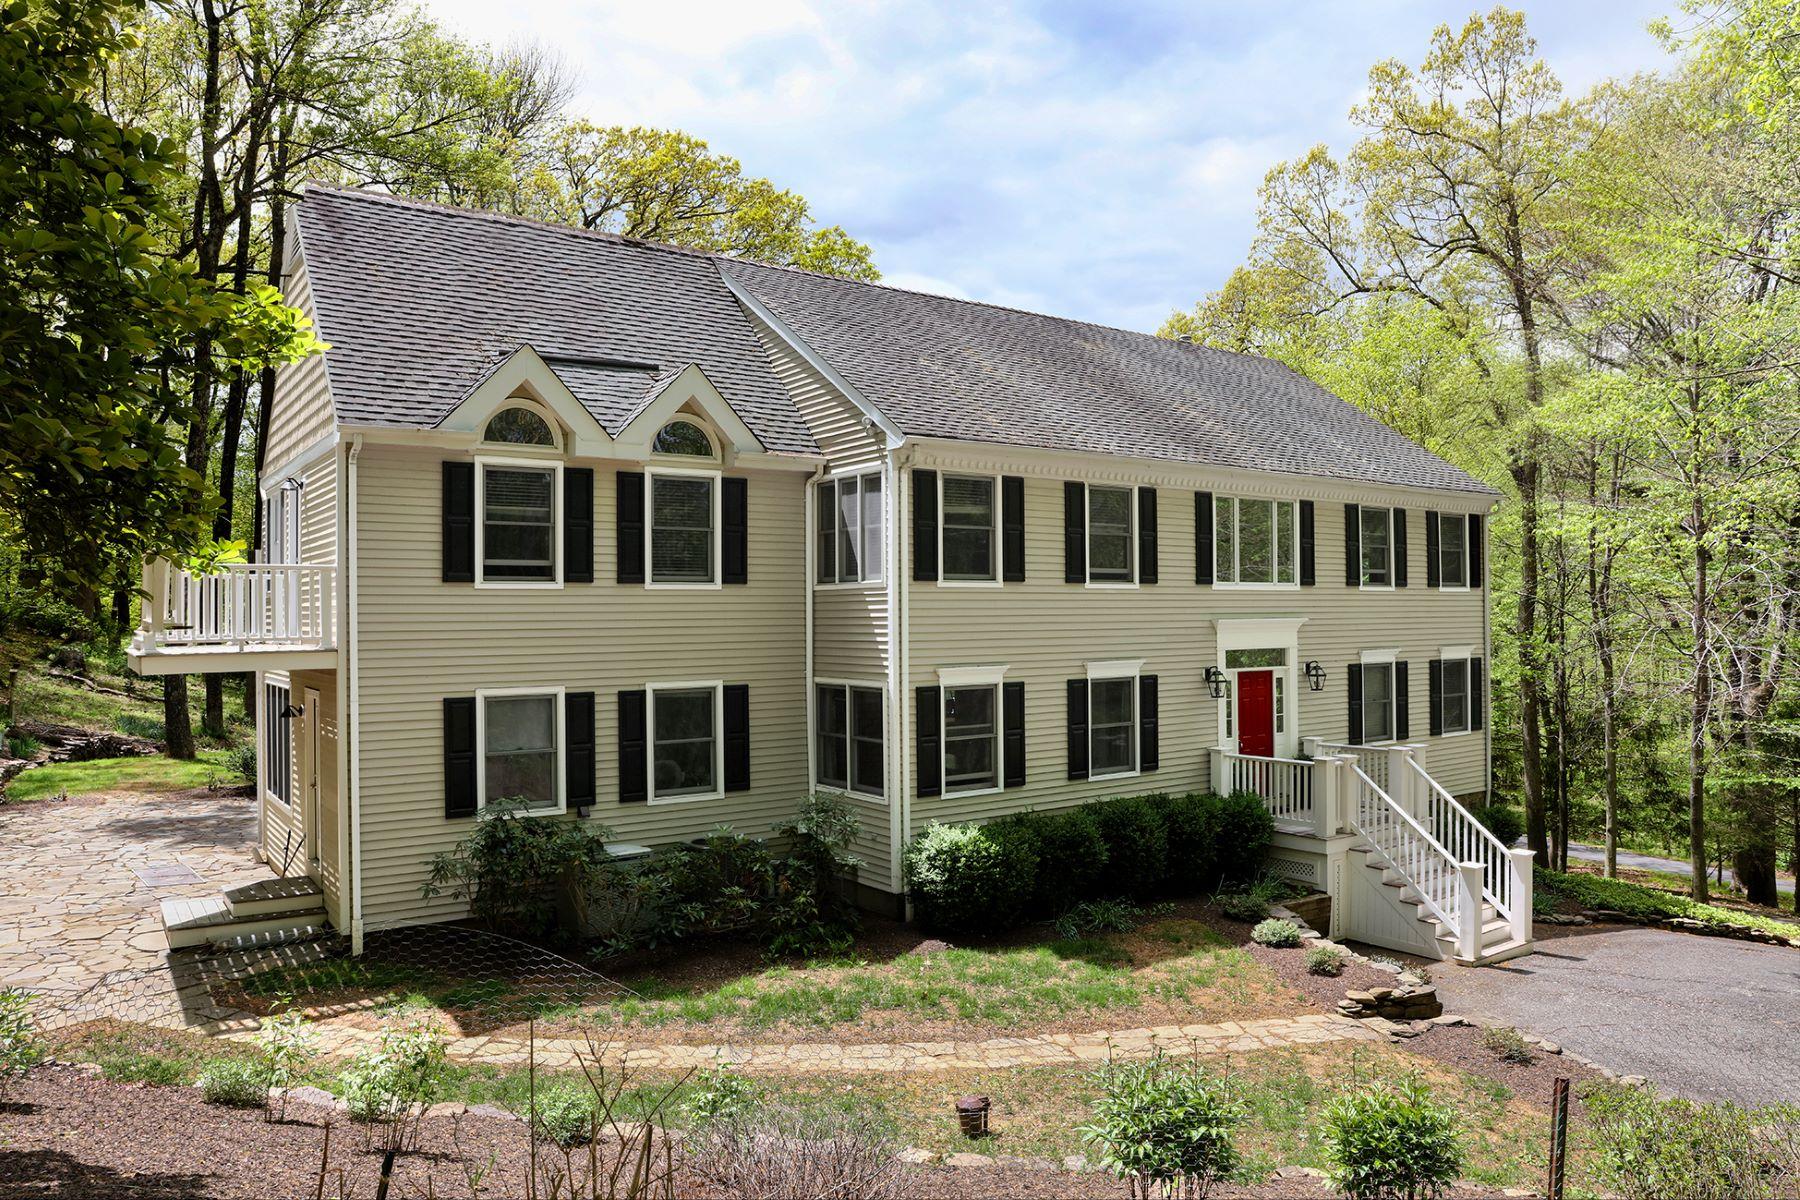 Частный односемейный дом для того Продажа на A Must-See Custom Home In A Bucolic Setting - Delaware Township 62 Brookville Hollow Road Stockton, 08559 Соединенные Штаты